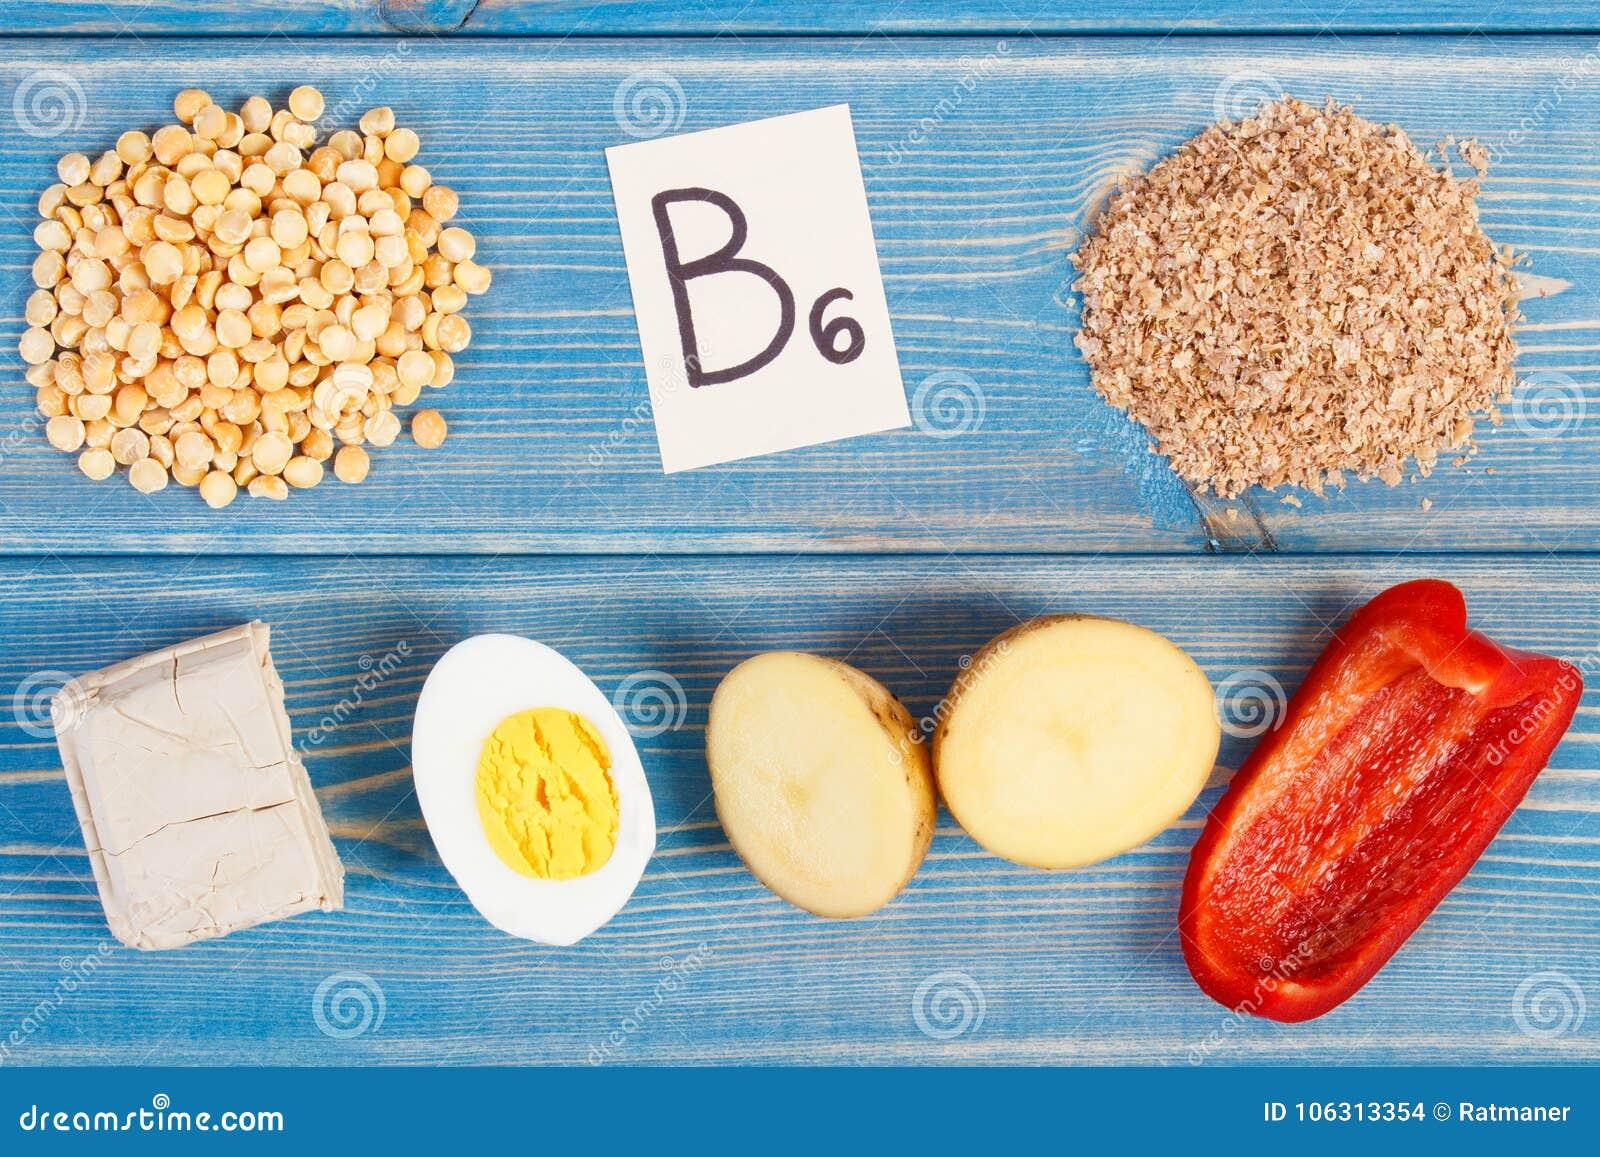 Productos que contienen la vitamina B6 y la fibra dietética, nutrición sana